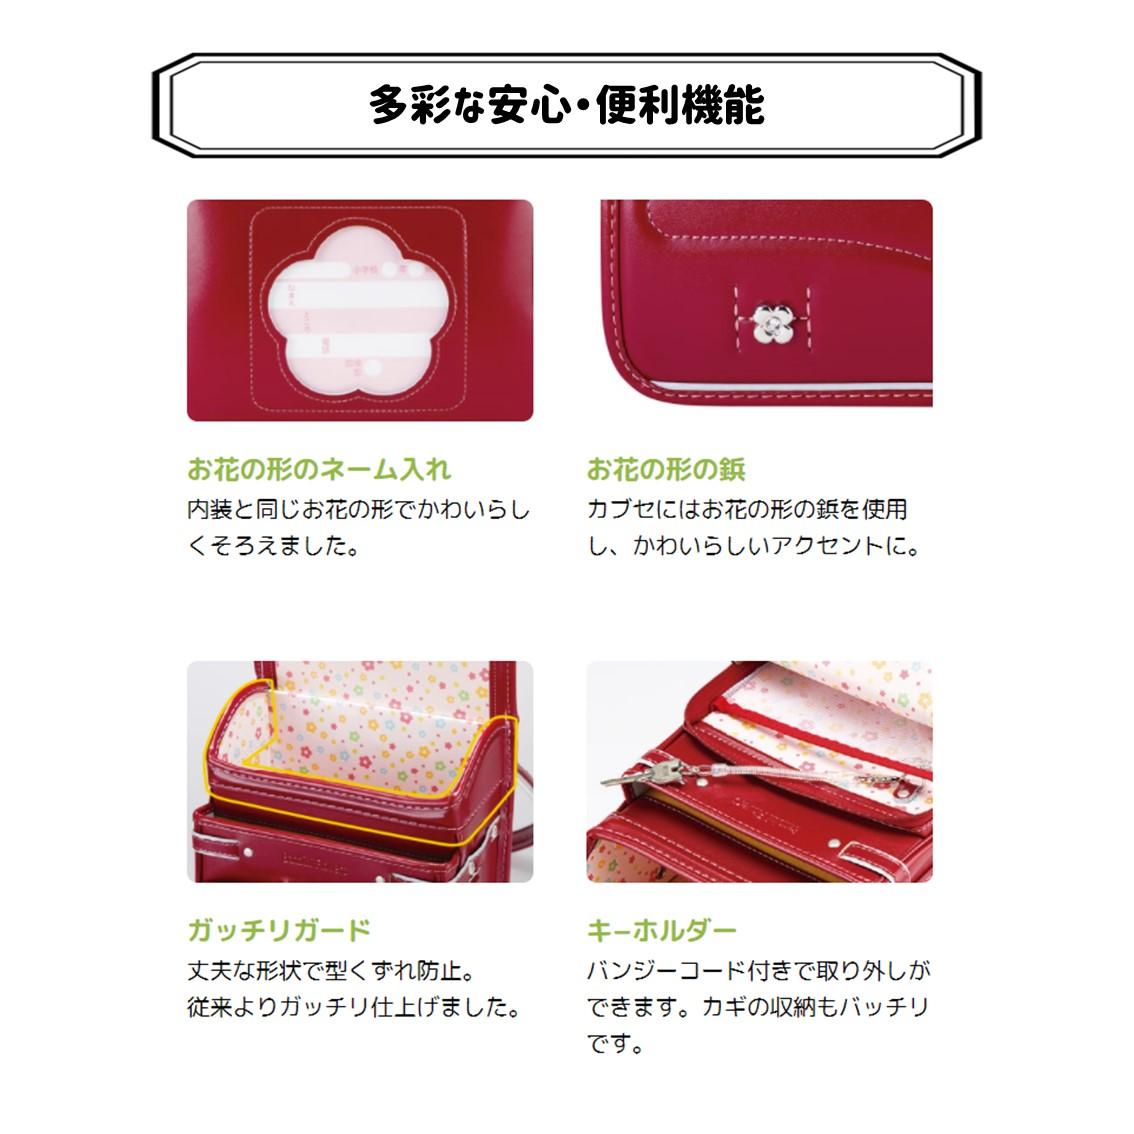 バンビーニ ファンタジー 牛革 セピア/ピンク